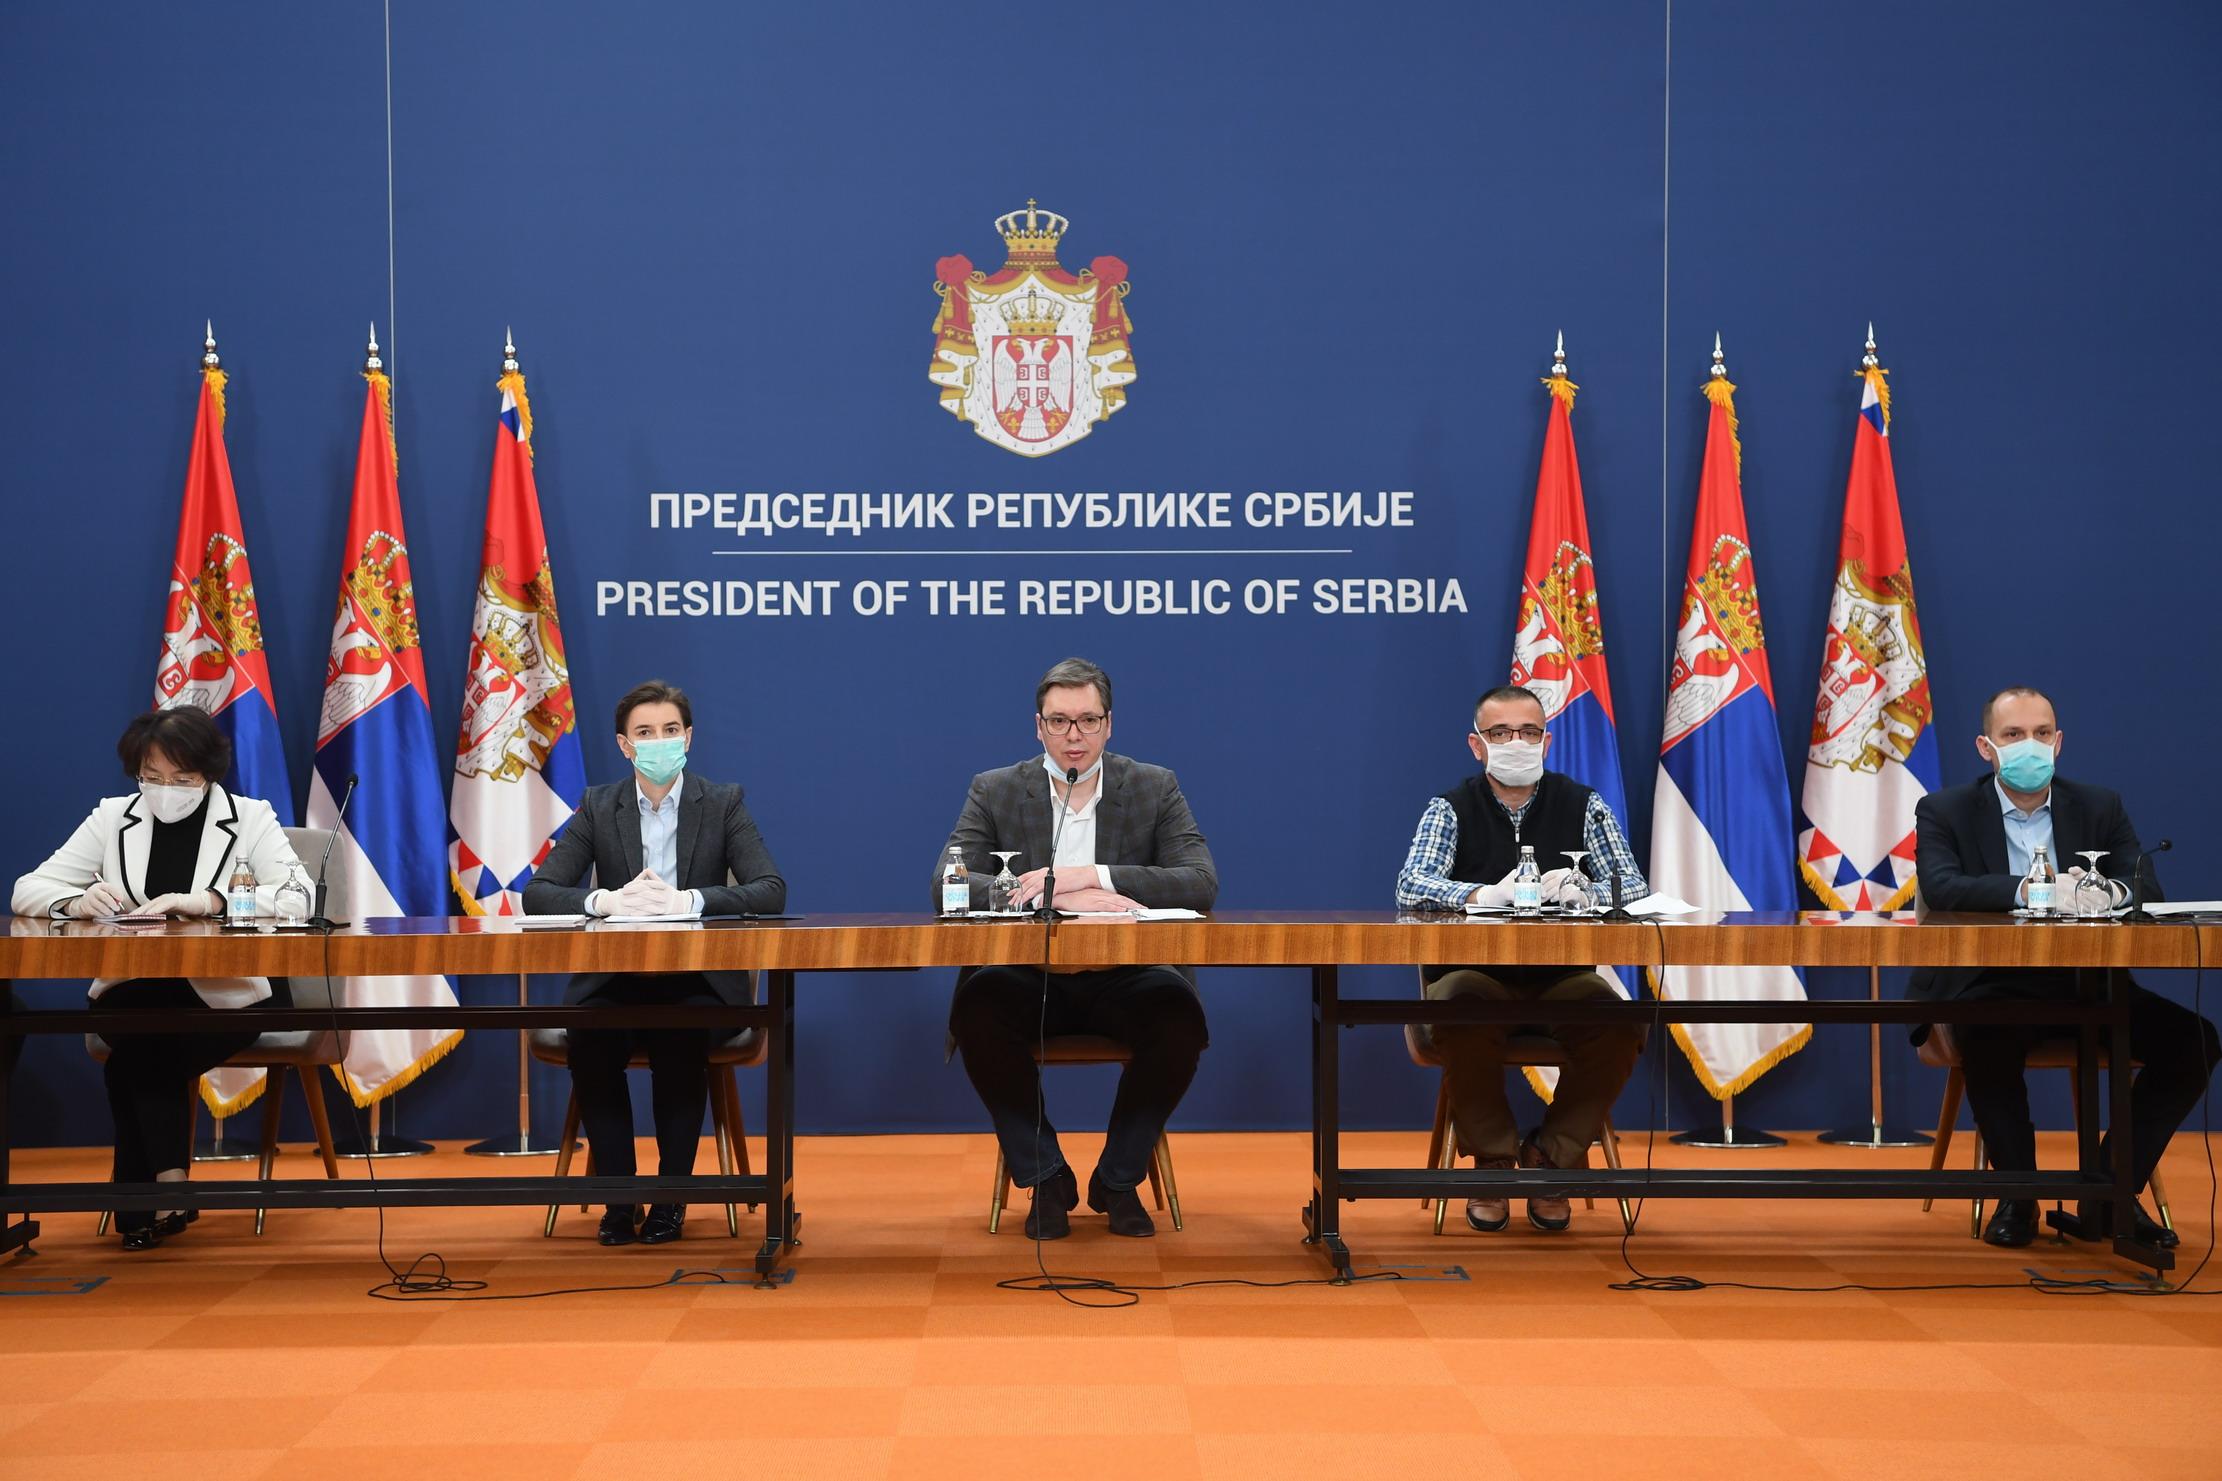 塞尔维亚采纳中国专家组建议 将扩大新冠病毒检测范围